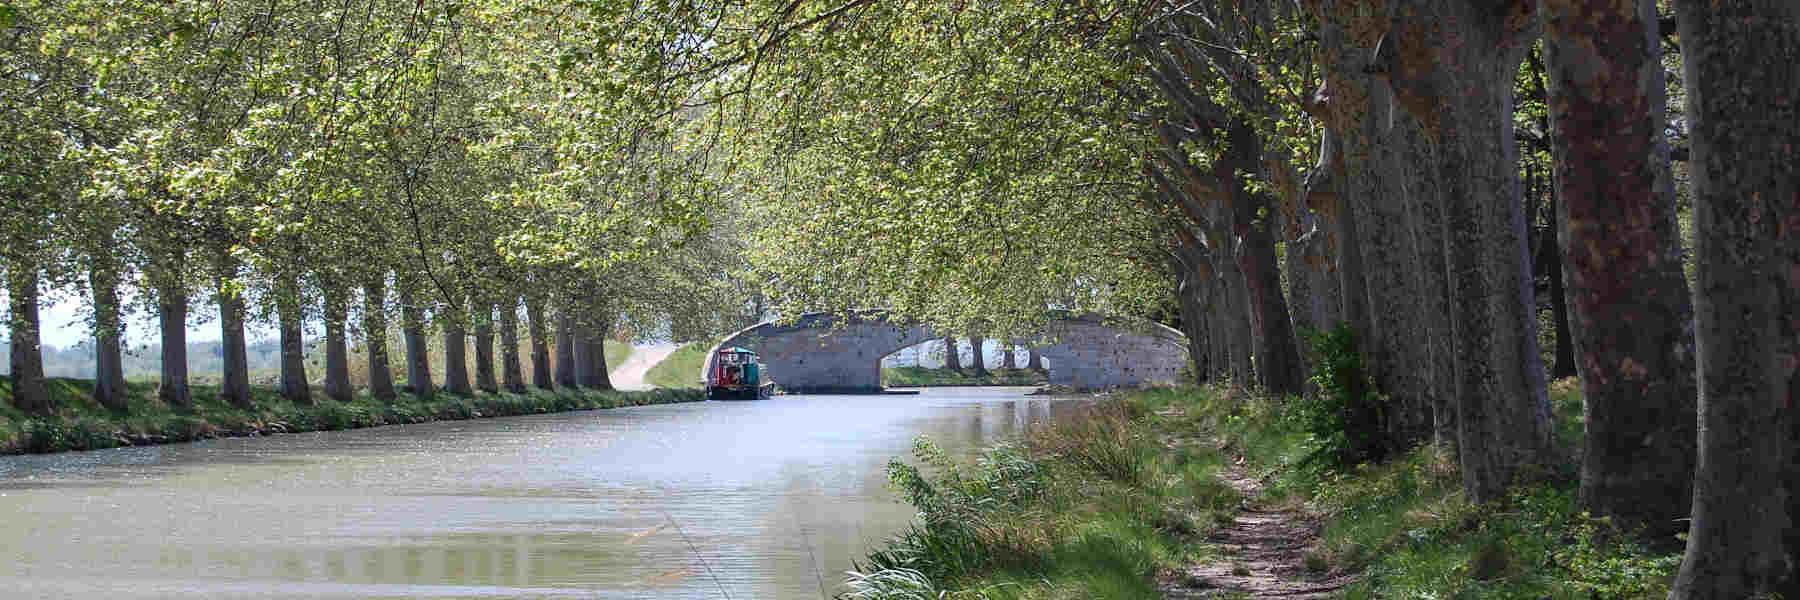 Visite du canal du midi